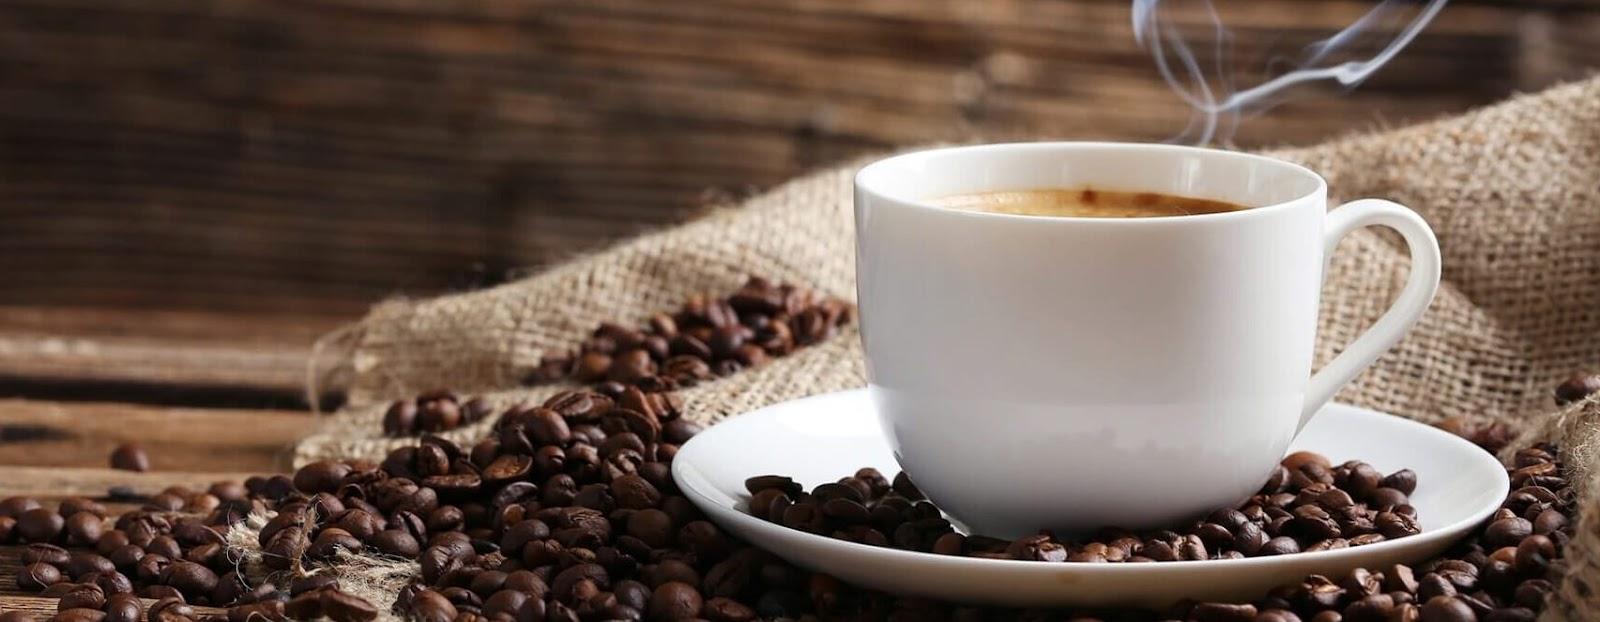 Characteristics of the taste of Robusta coffee